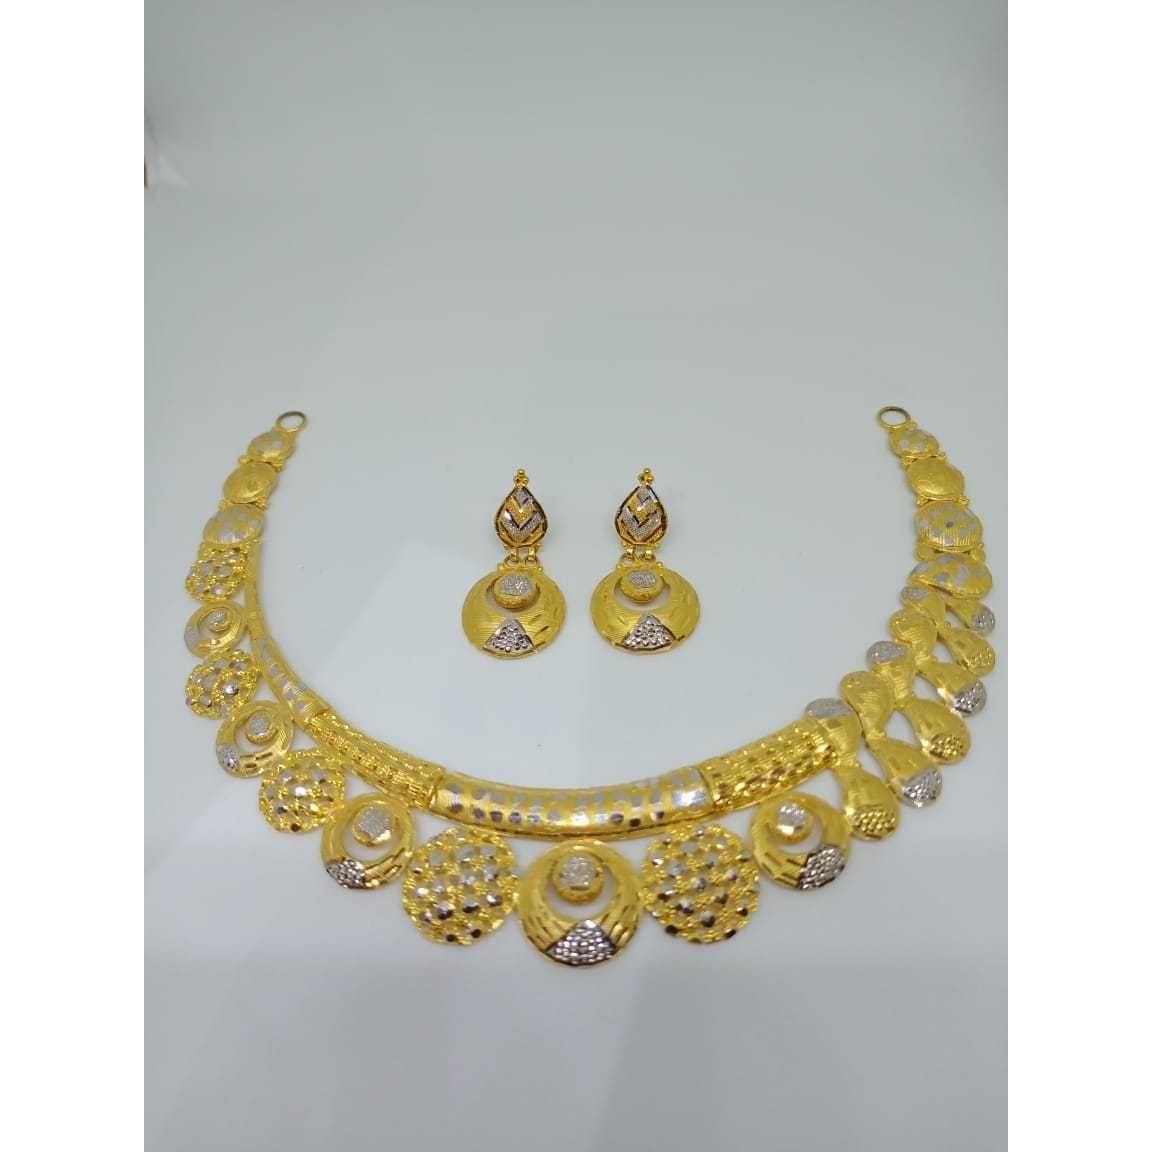 916 gold antique jadtar necklace set bj-n11